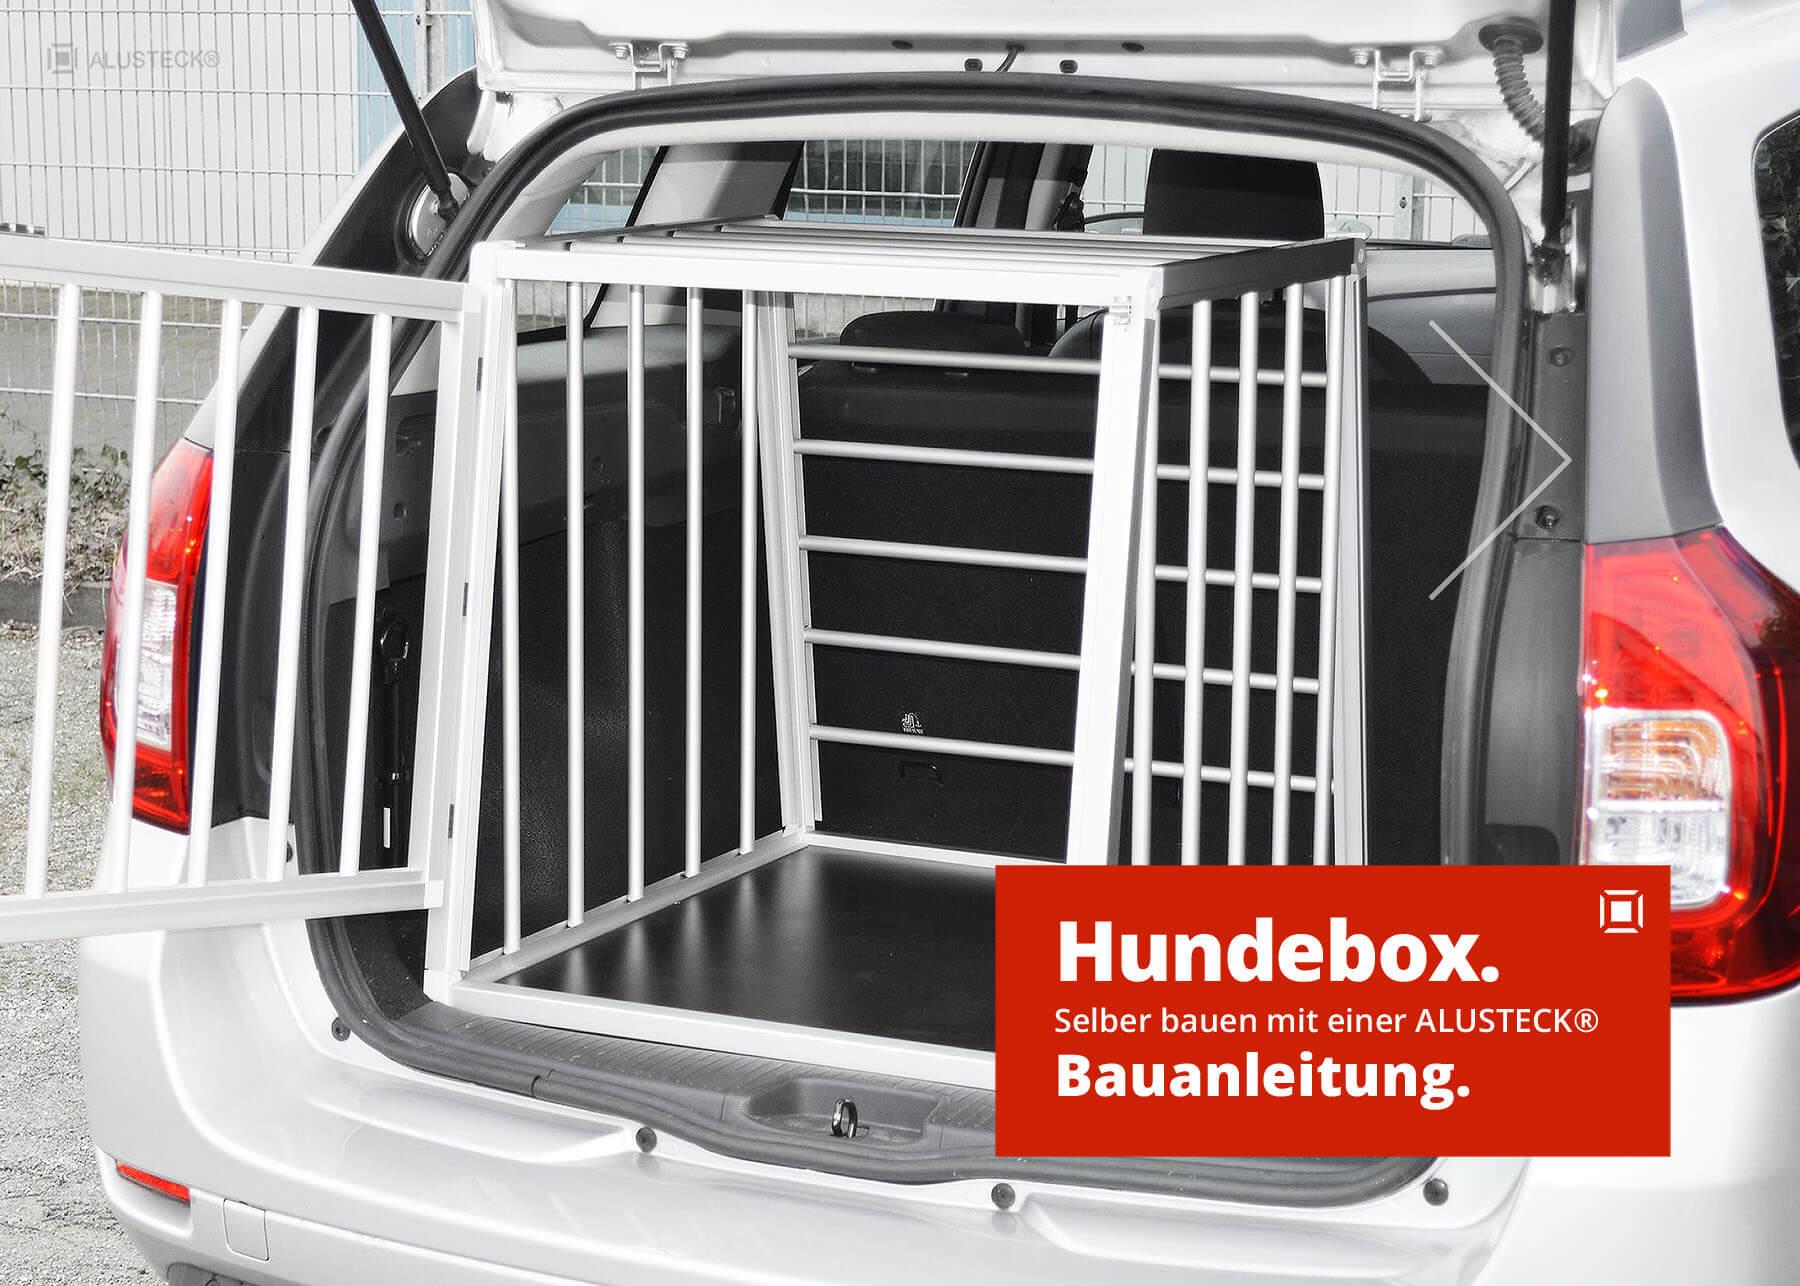 hundetransportbox selber bauen anleitung auto hundebox alusteck. Black Bedroom Furniture Sets. Home Design Ideas